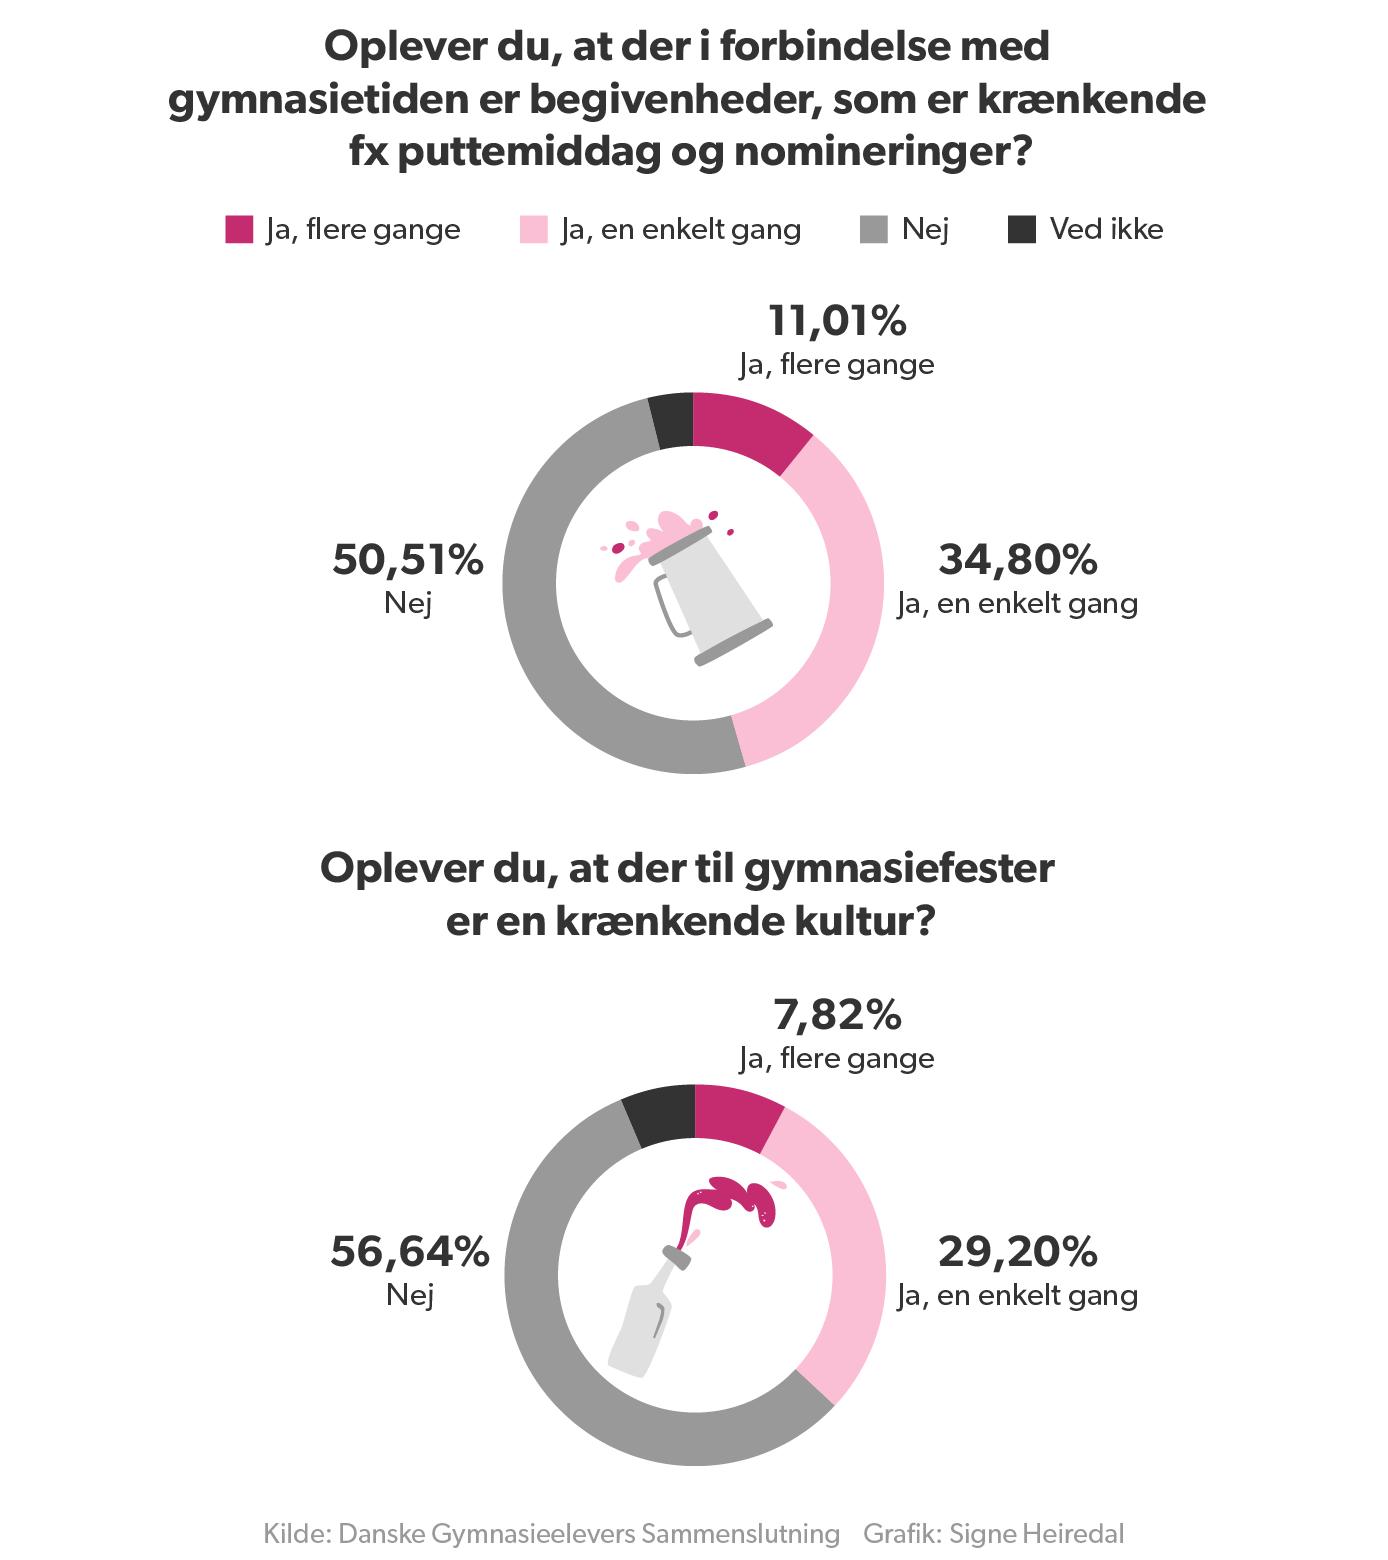 Kilde: Danske Gymnasieelevers Sammenslutning Grafik: Signe Heiredal